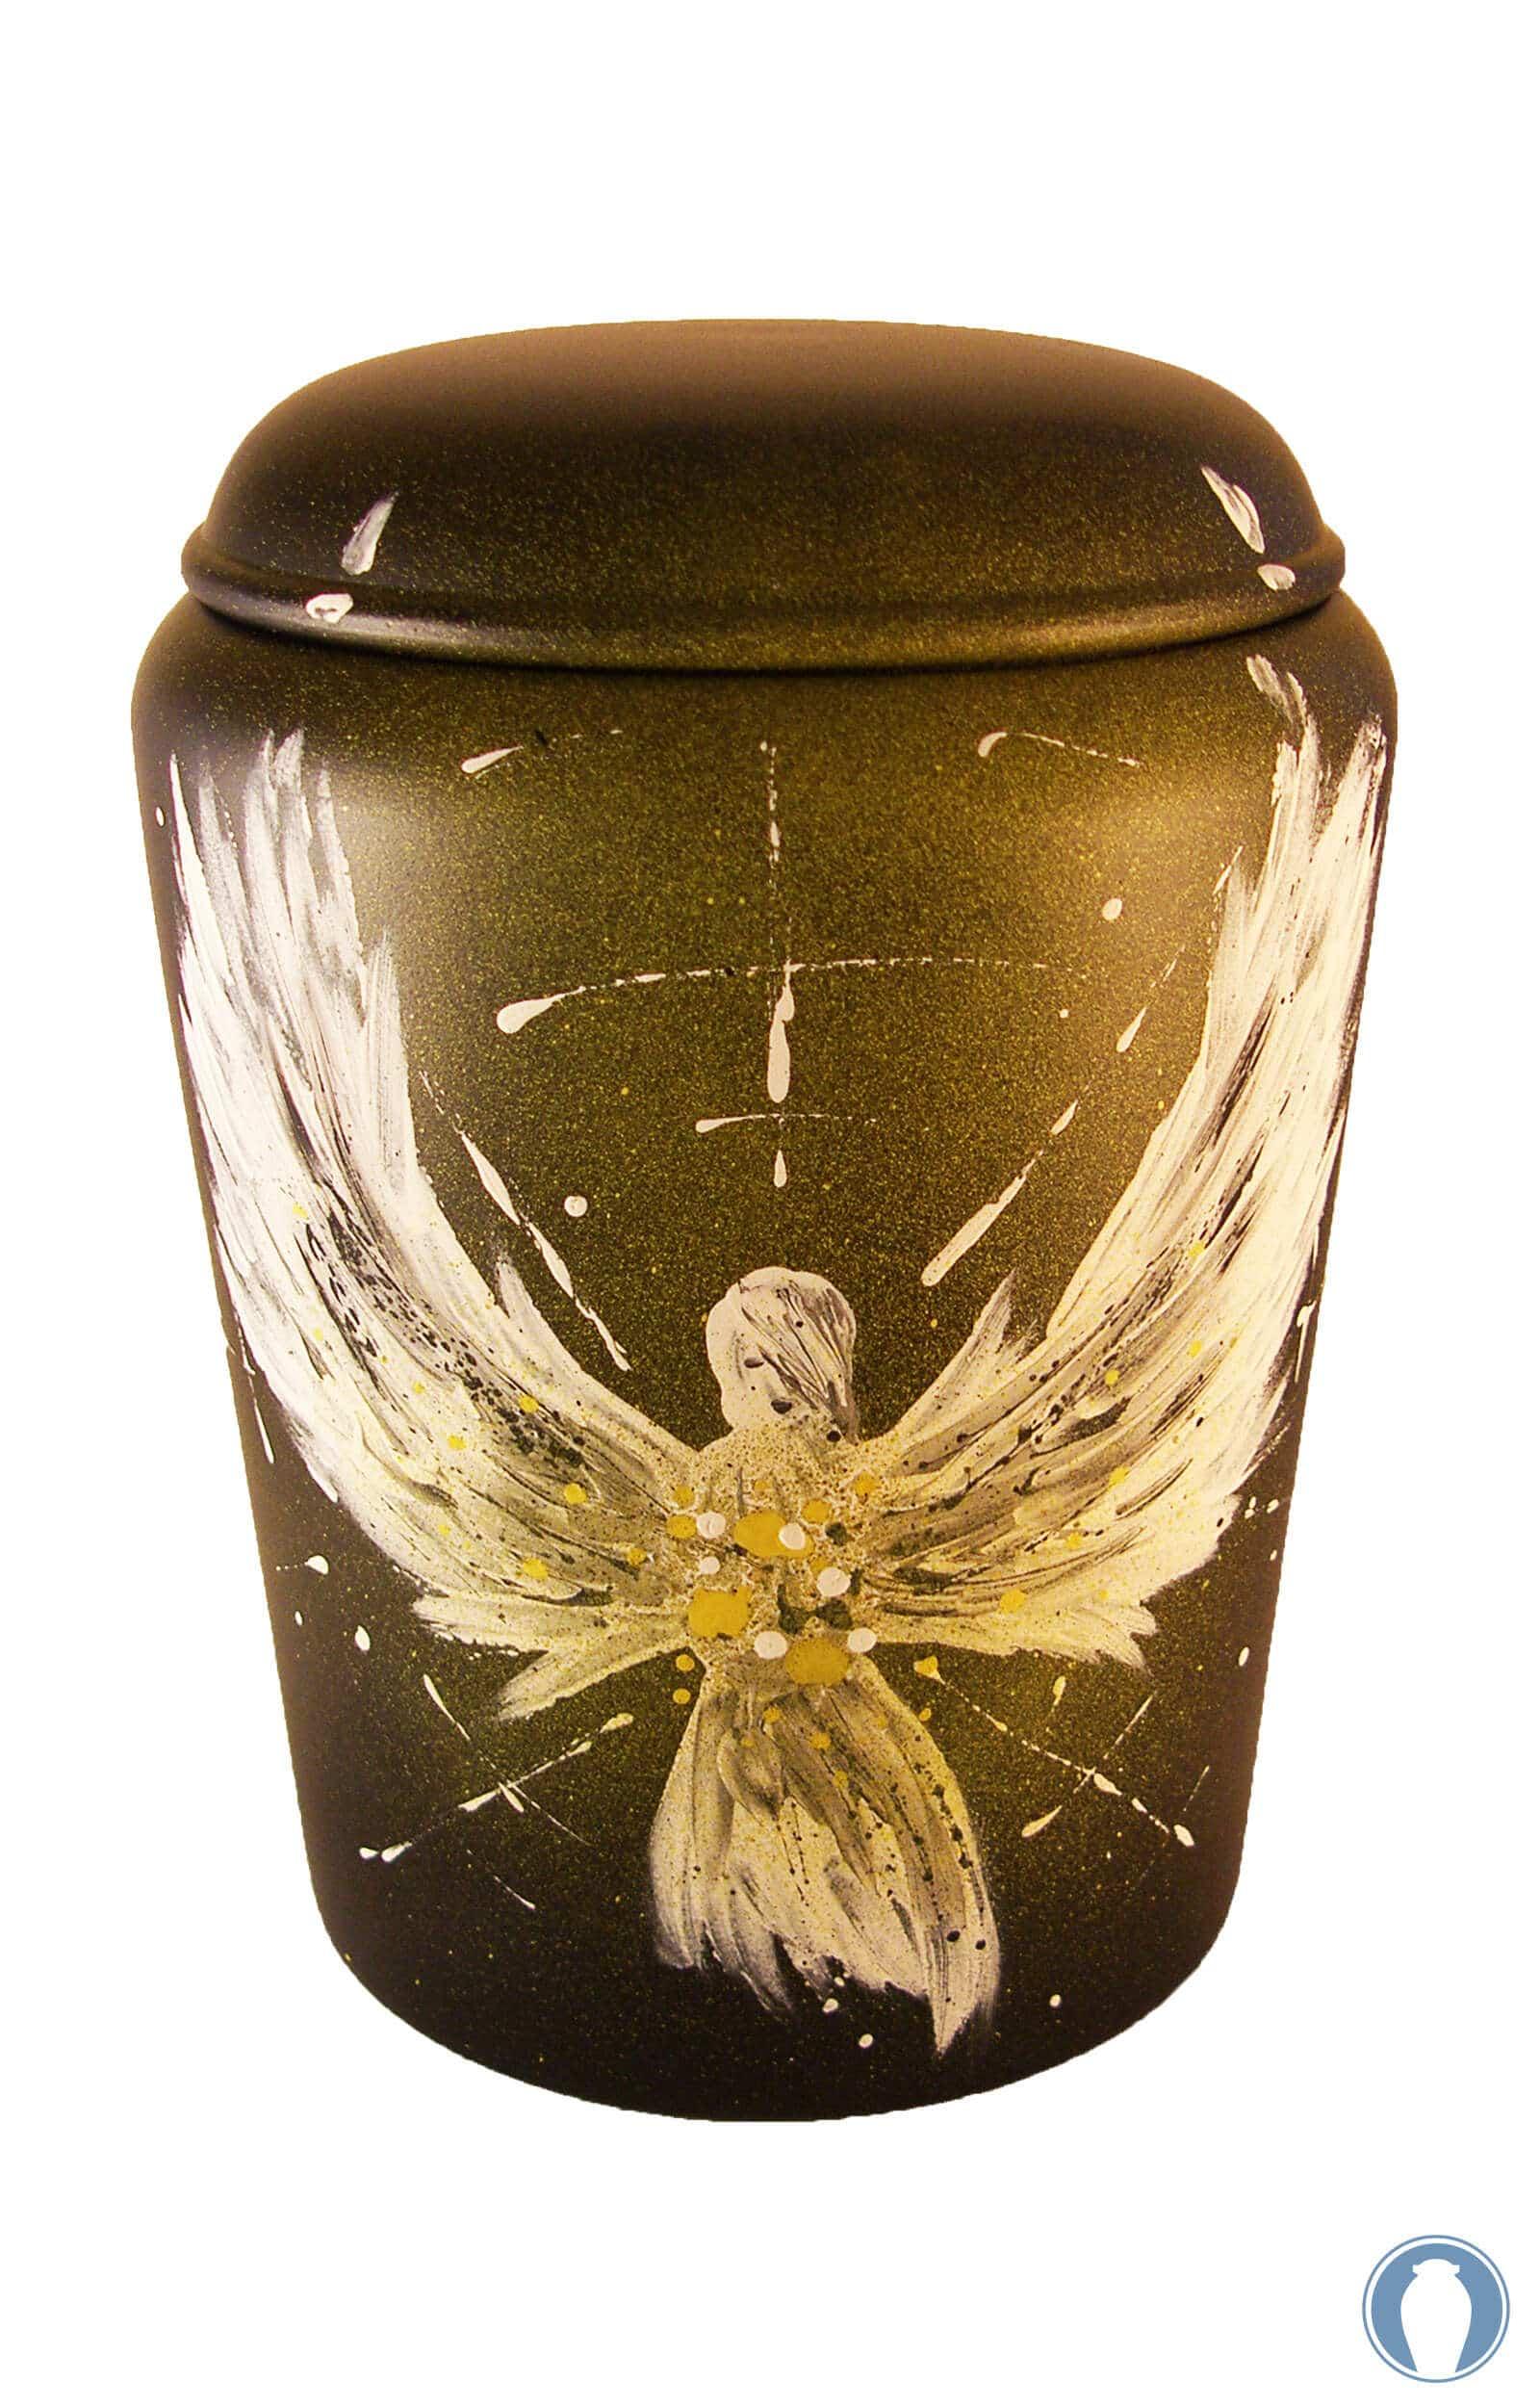 de BE3310 Bio Urne comar Engel des lichtes Biourne kaufen gelb weiss